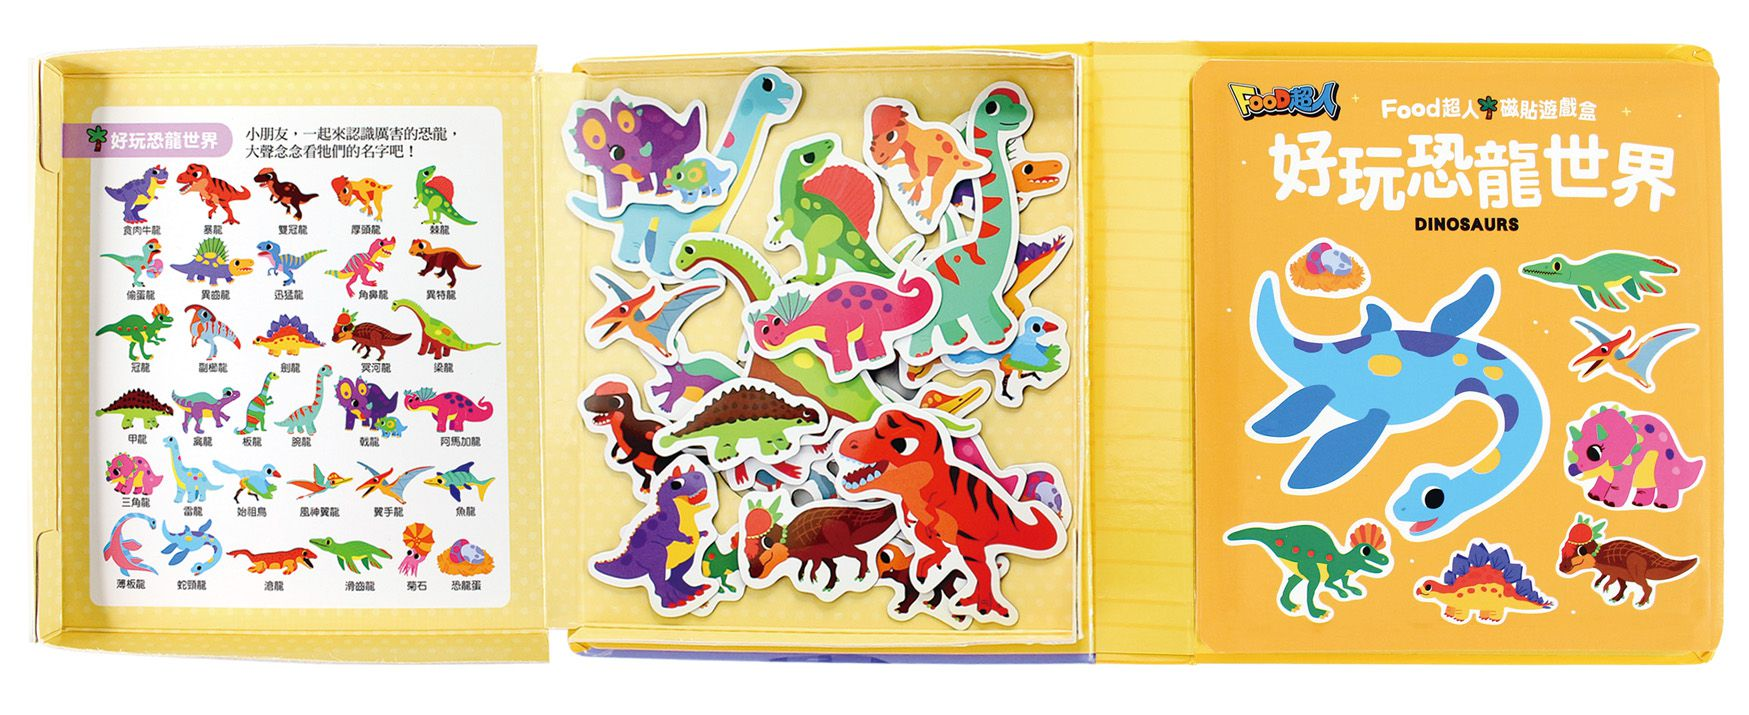 好玩恐龍世界-FOOD超人磁貼遊戲盒